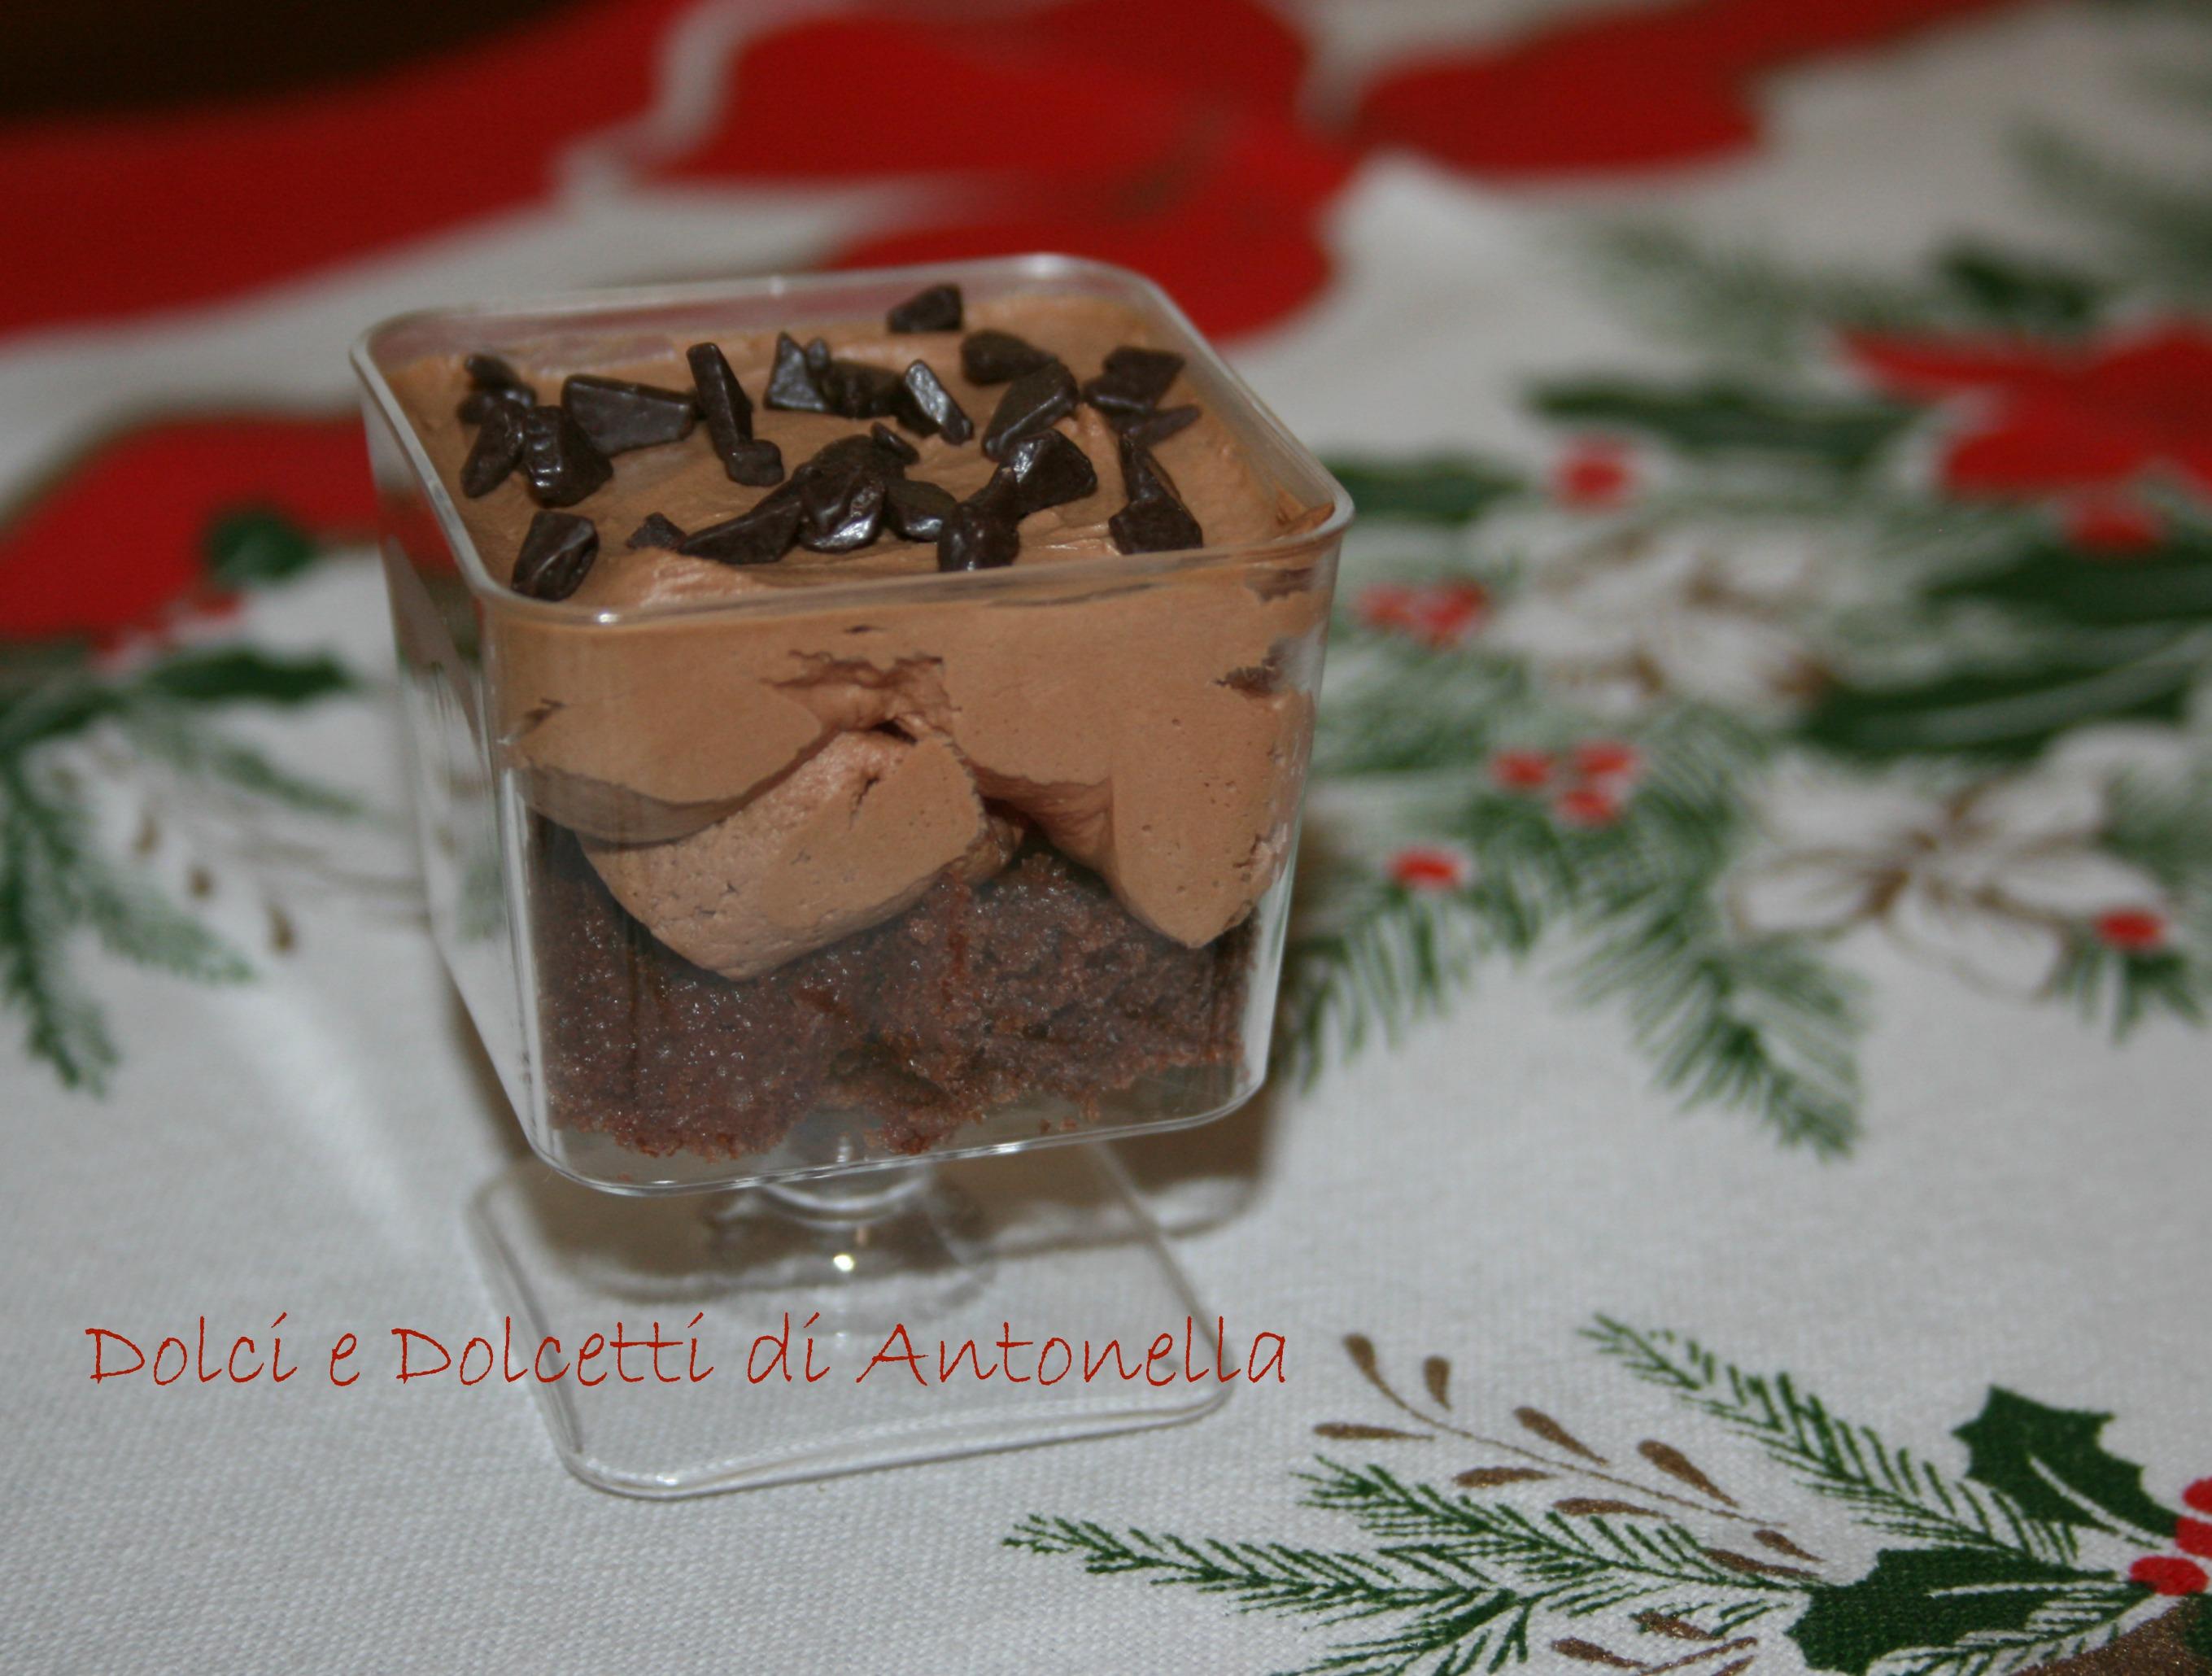 Top Mousse al cioccolato, Ricetta dolce senza forno | Dolci e Dolcetti  AF24